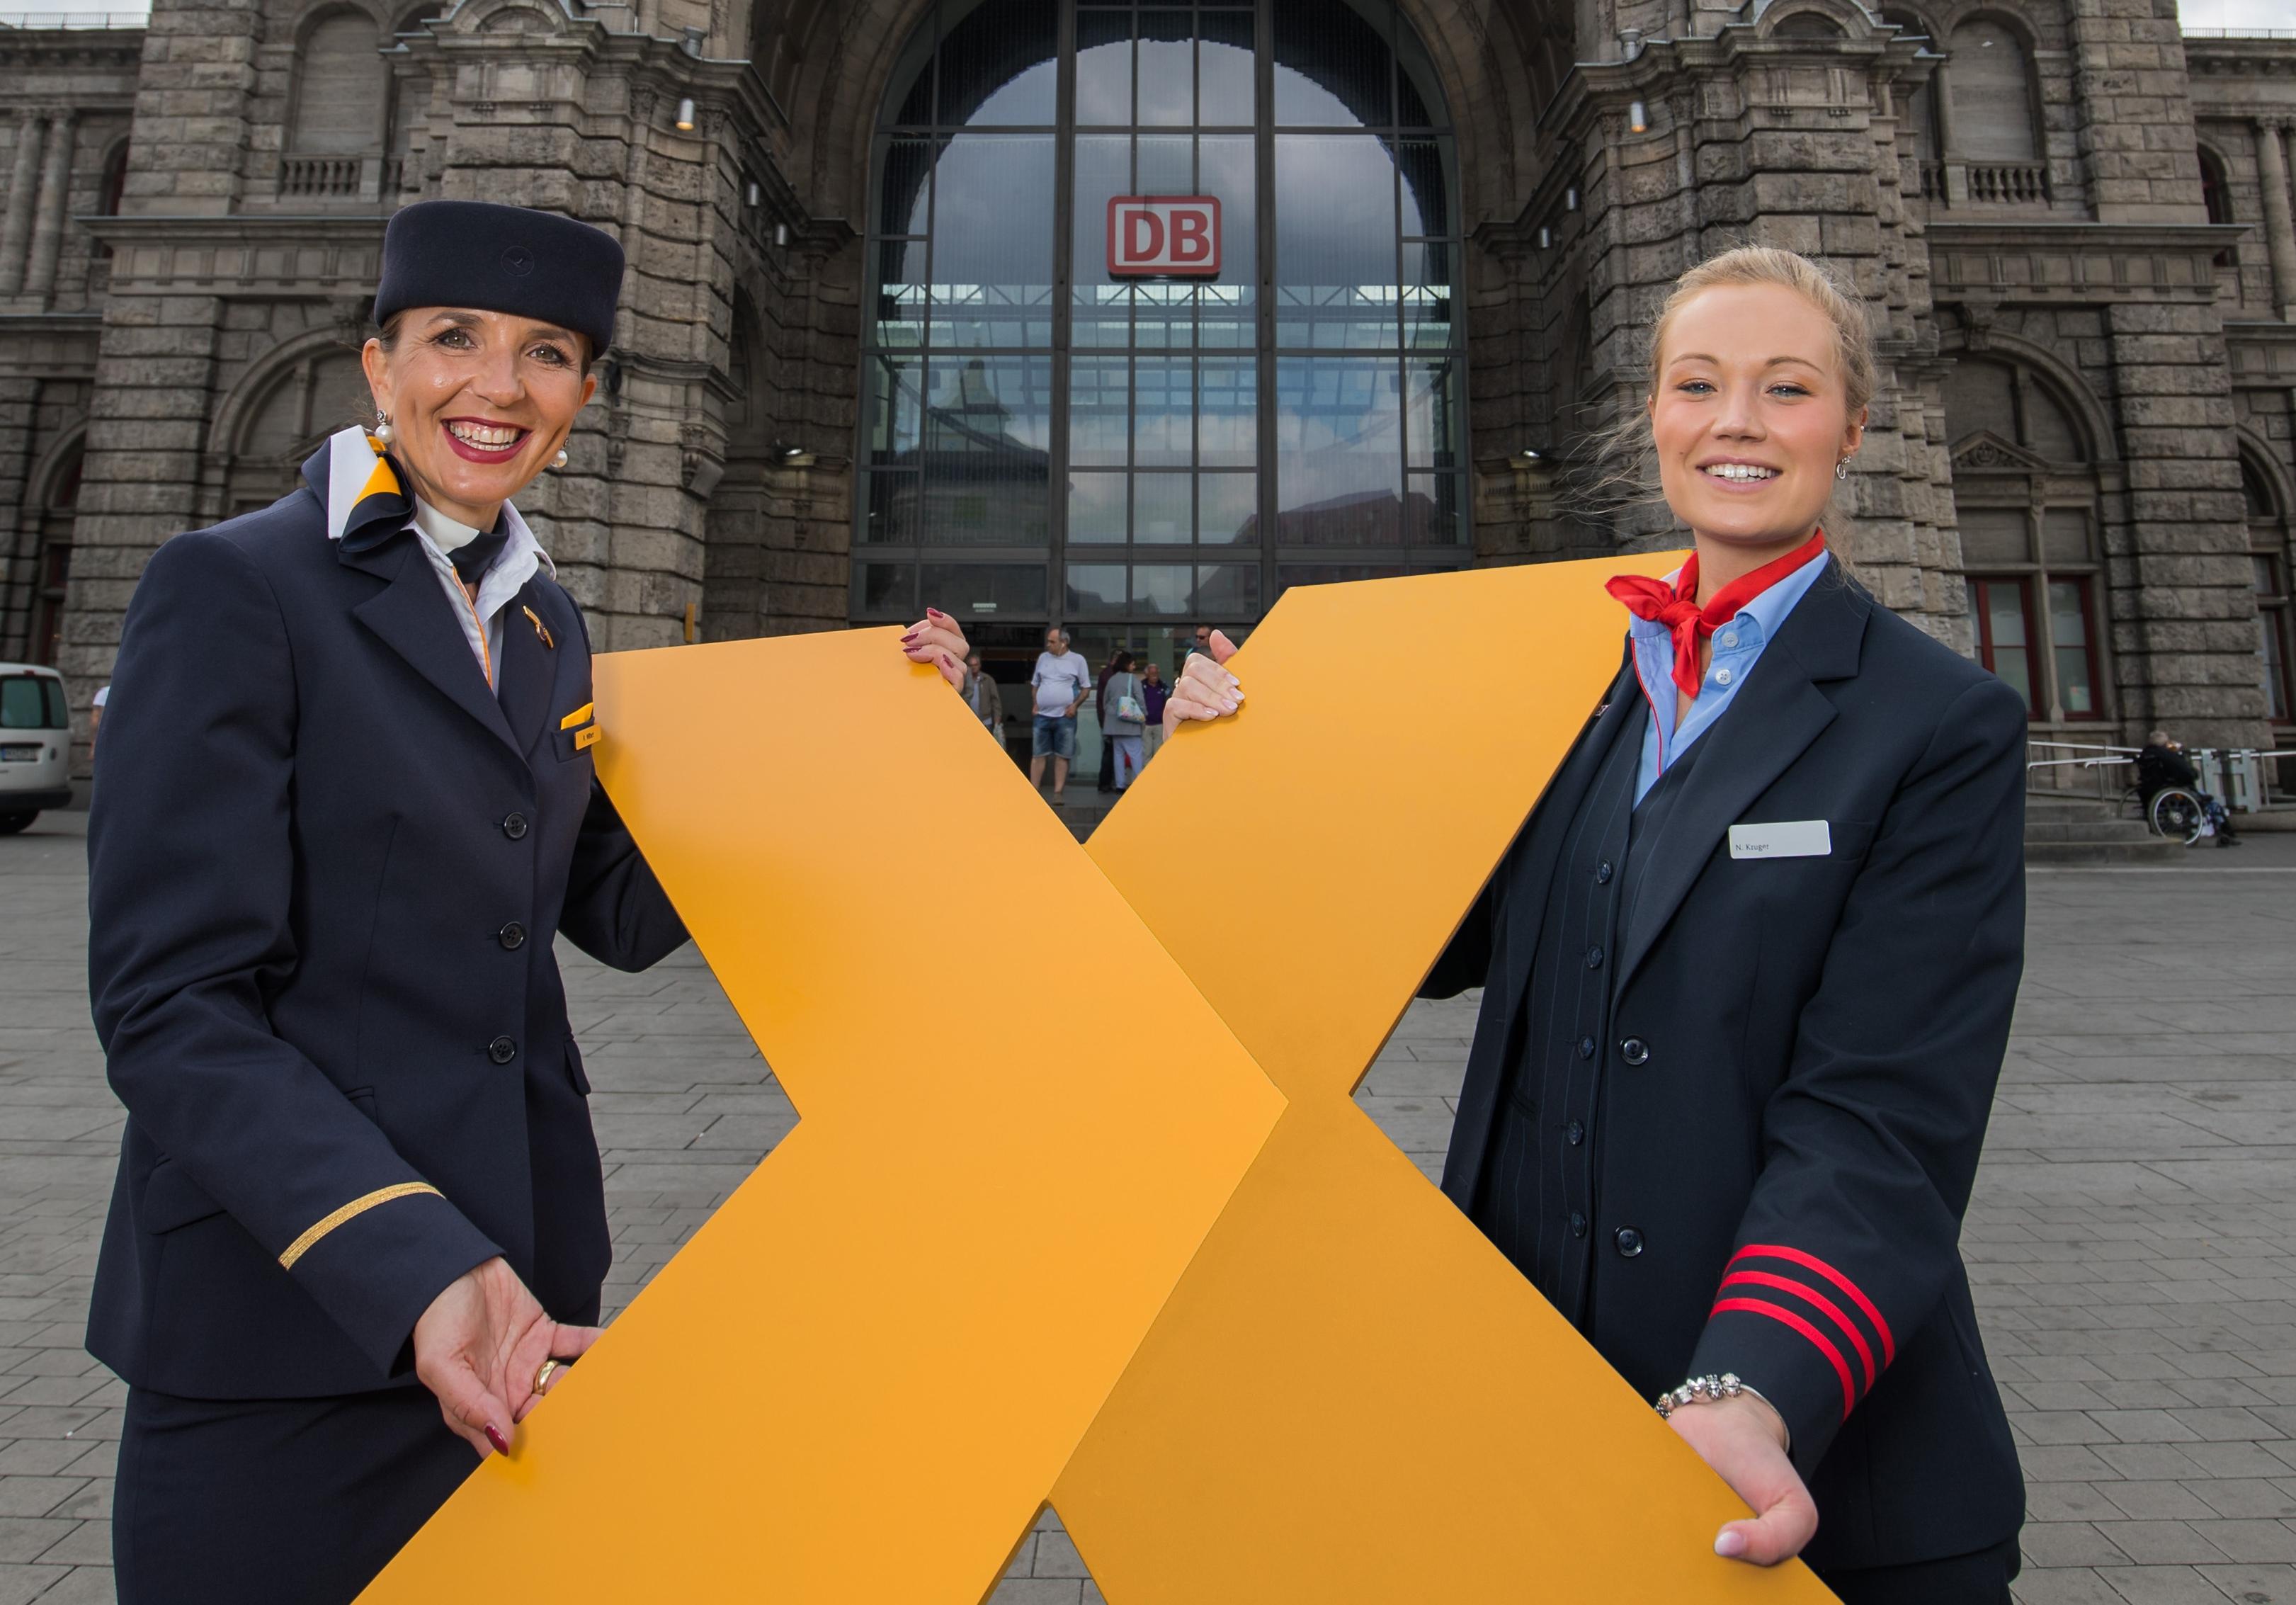 Medarbejdere fra Lufthansa og Deutsche Bahn reklamerer for den udvidede samarbejdsmulighed indenfor Tyskland. PR-foto fra Lufthansa.